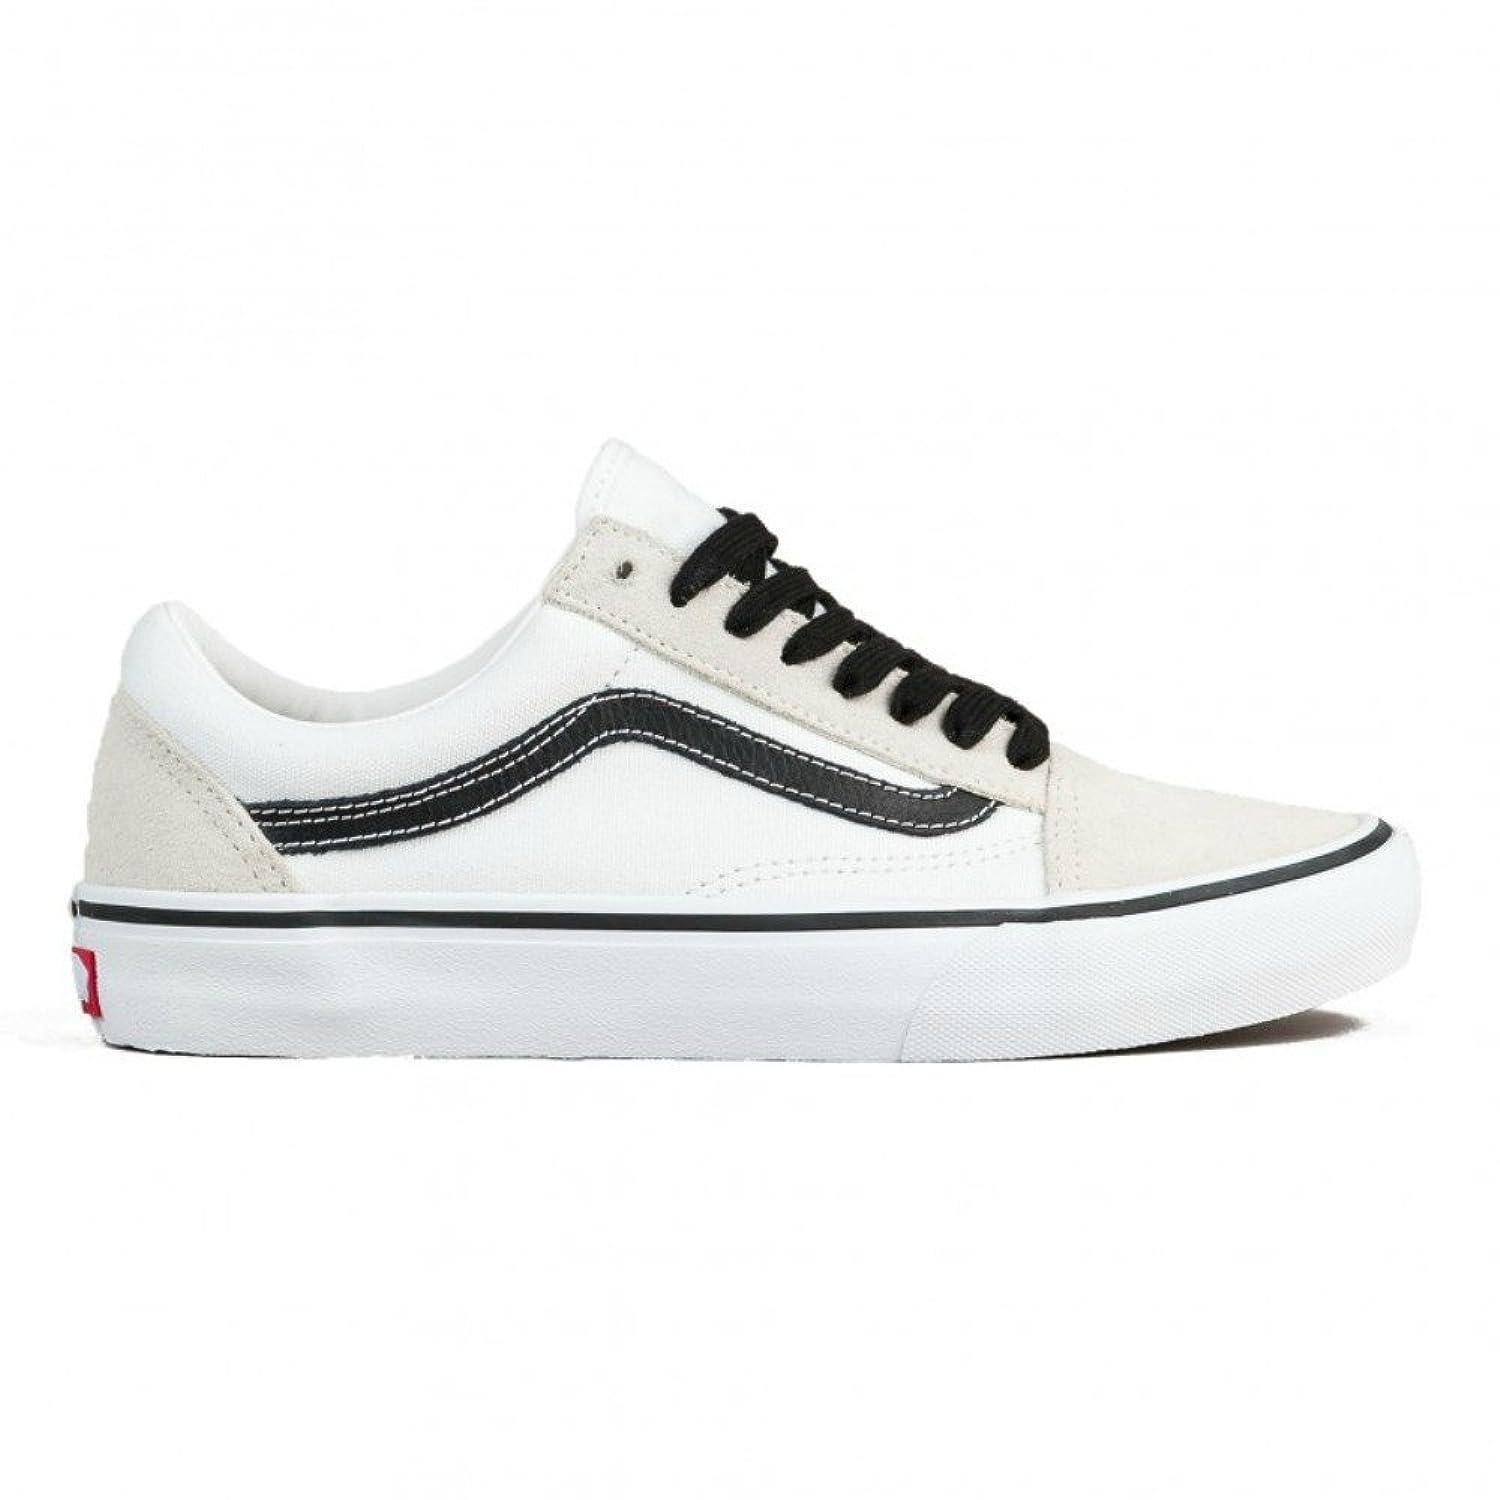 Vans Old Skool Pro 50-årsjubileum White & Black Skate Sko 0ckil18sA